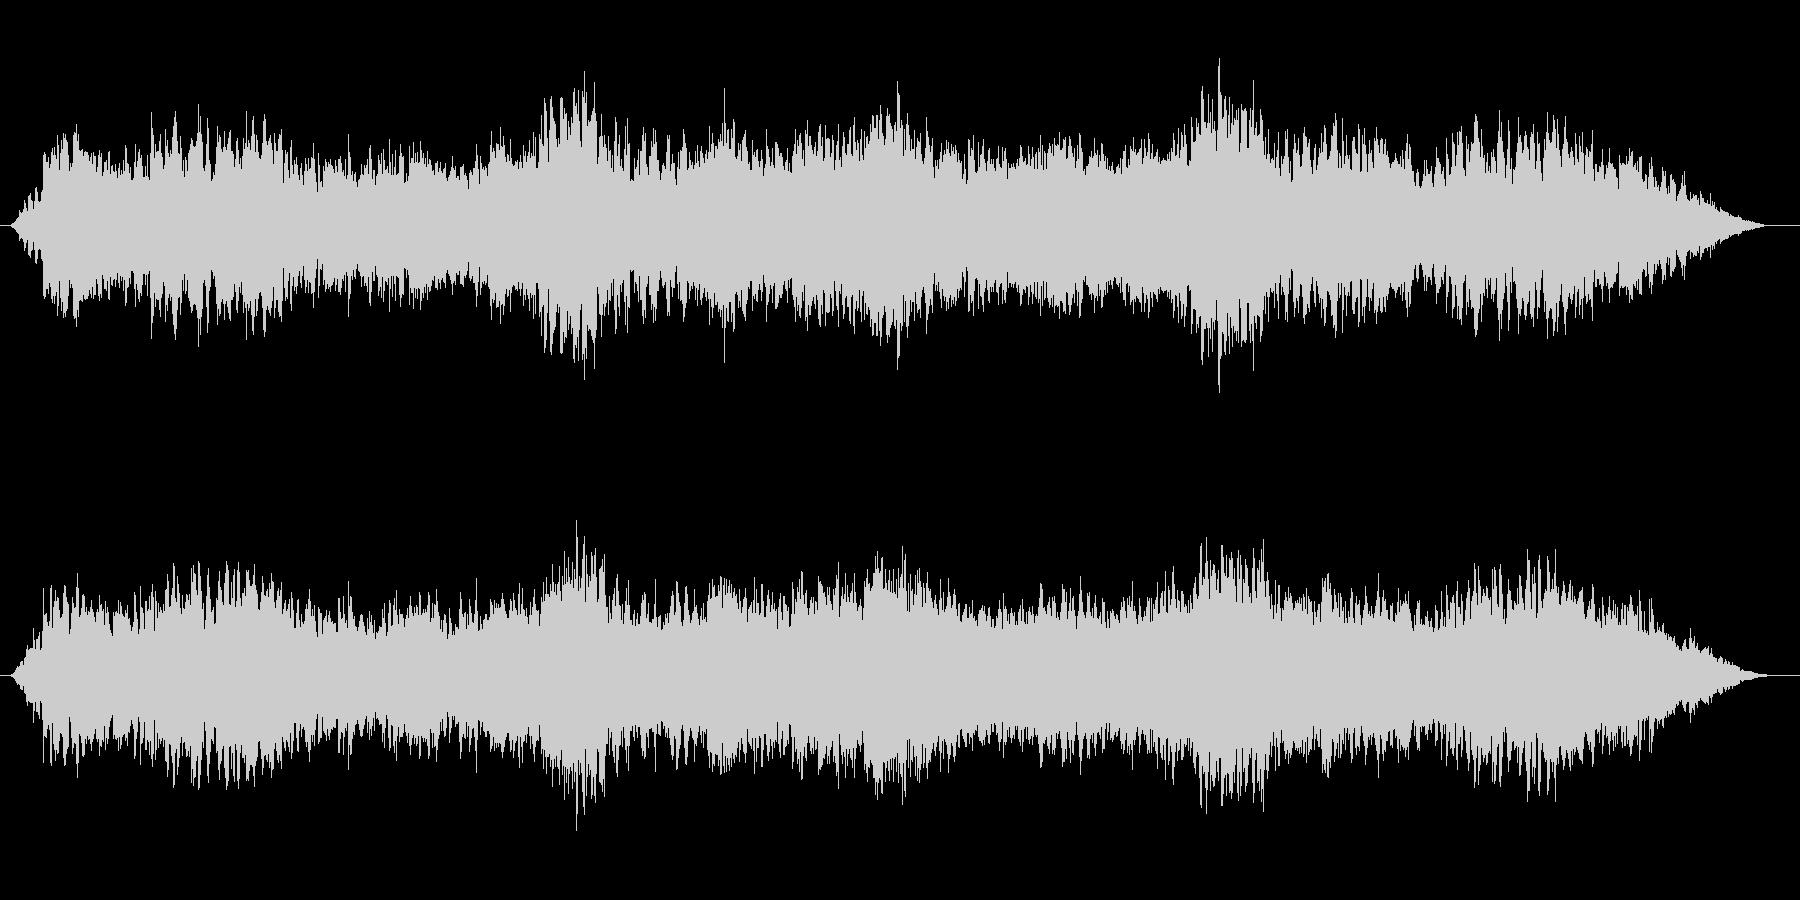 漂うイメージのループ曲の未再生の波形